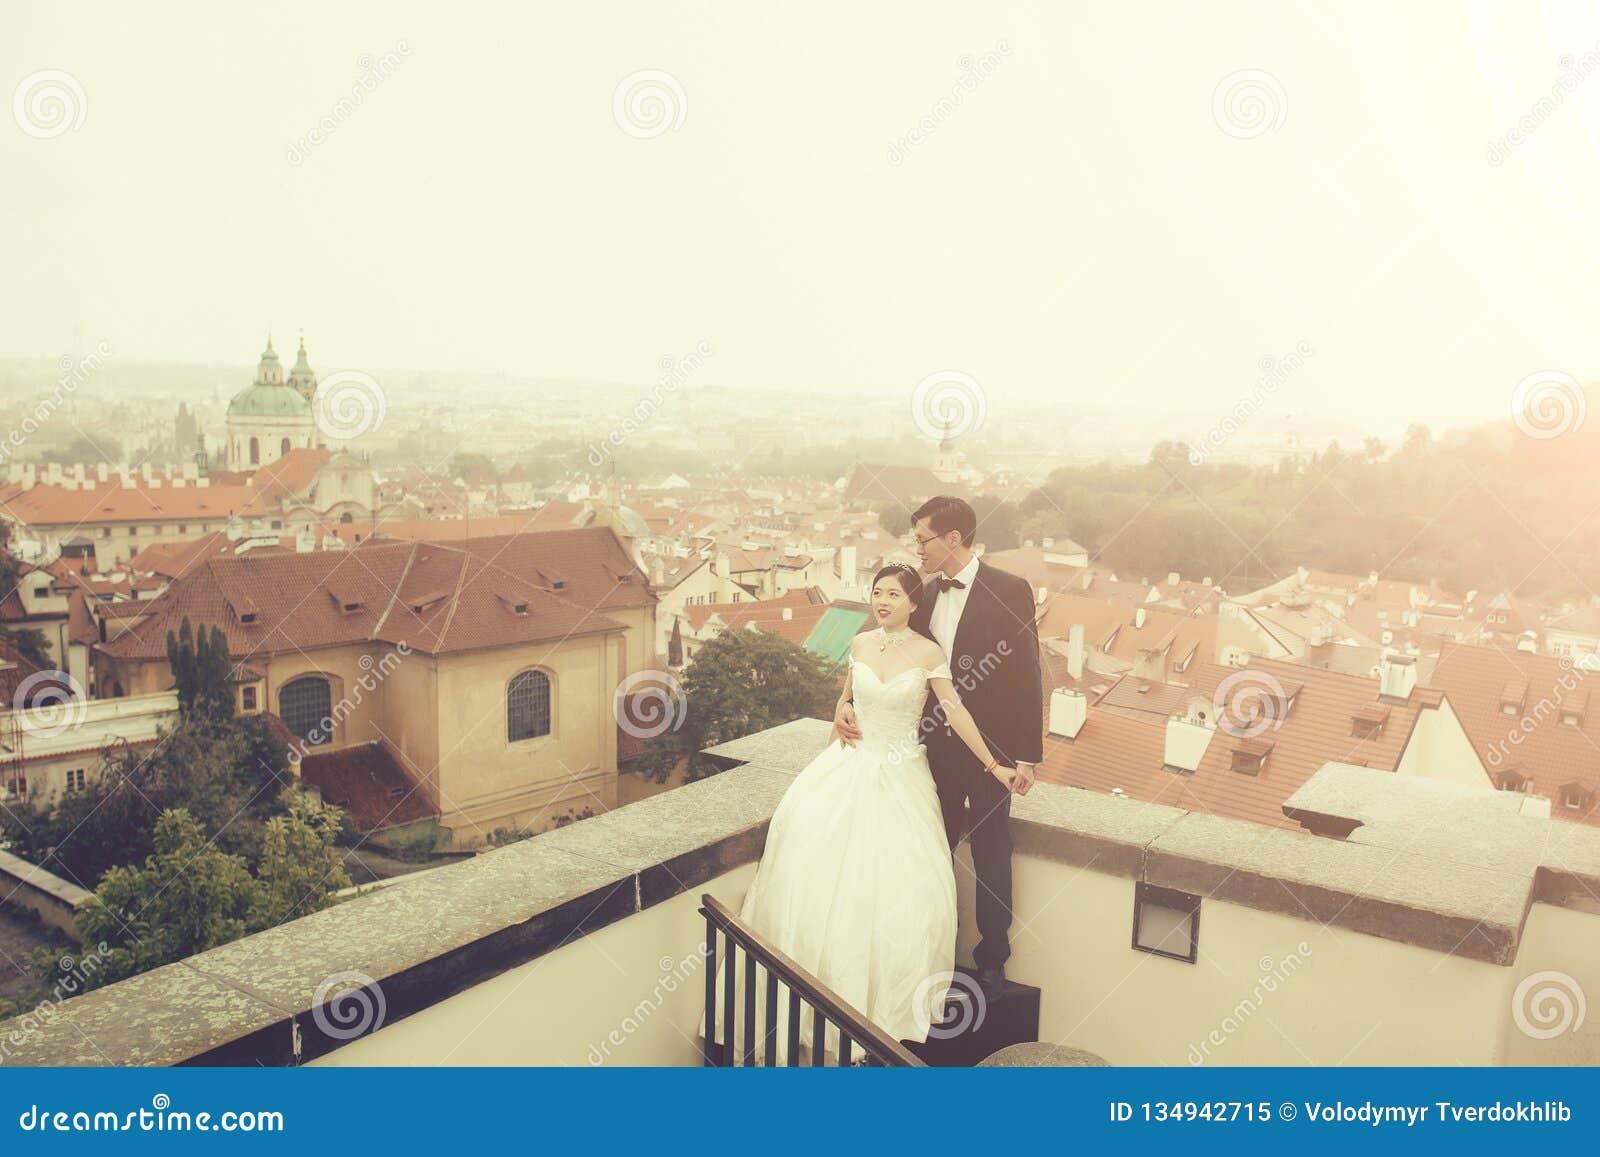 Жених и невеста на крыше